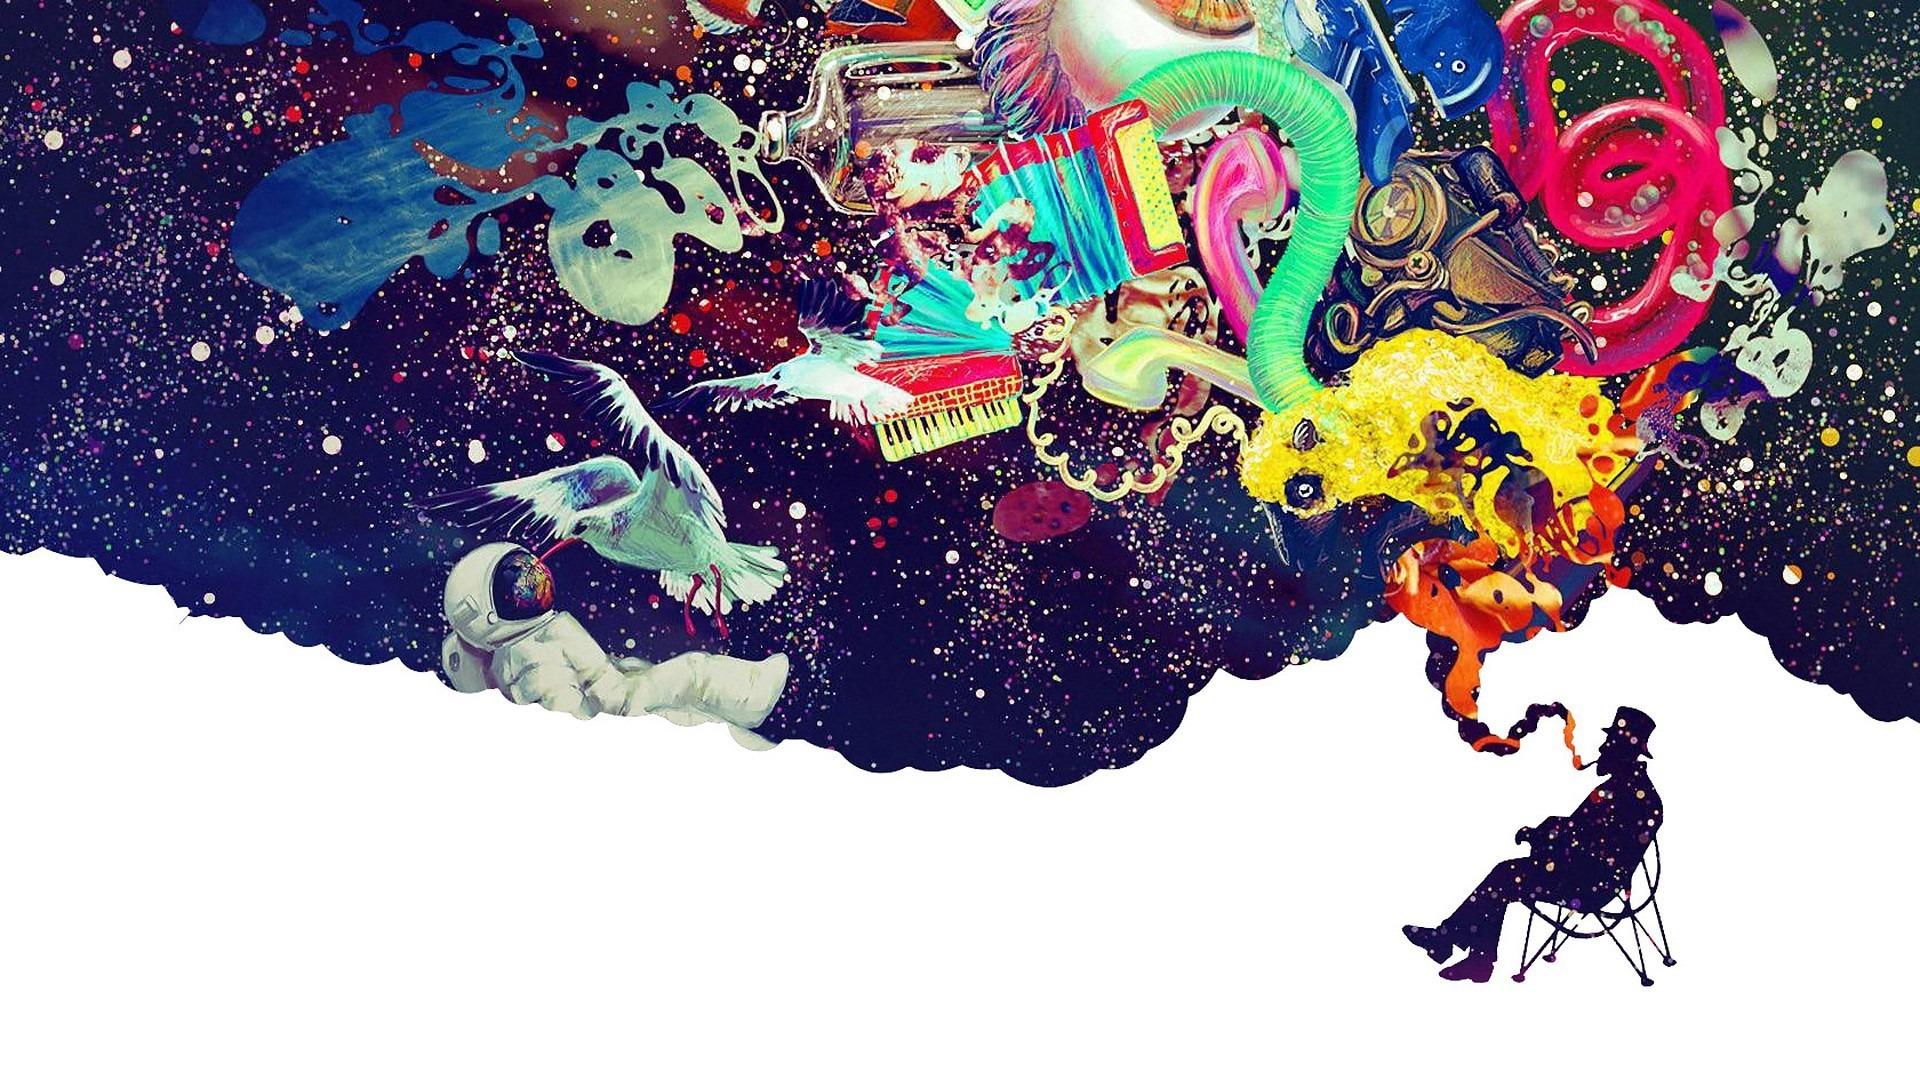 5 کتاب و مثال هایی دیدنی برای پرورش خلاقیت